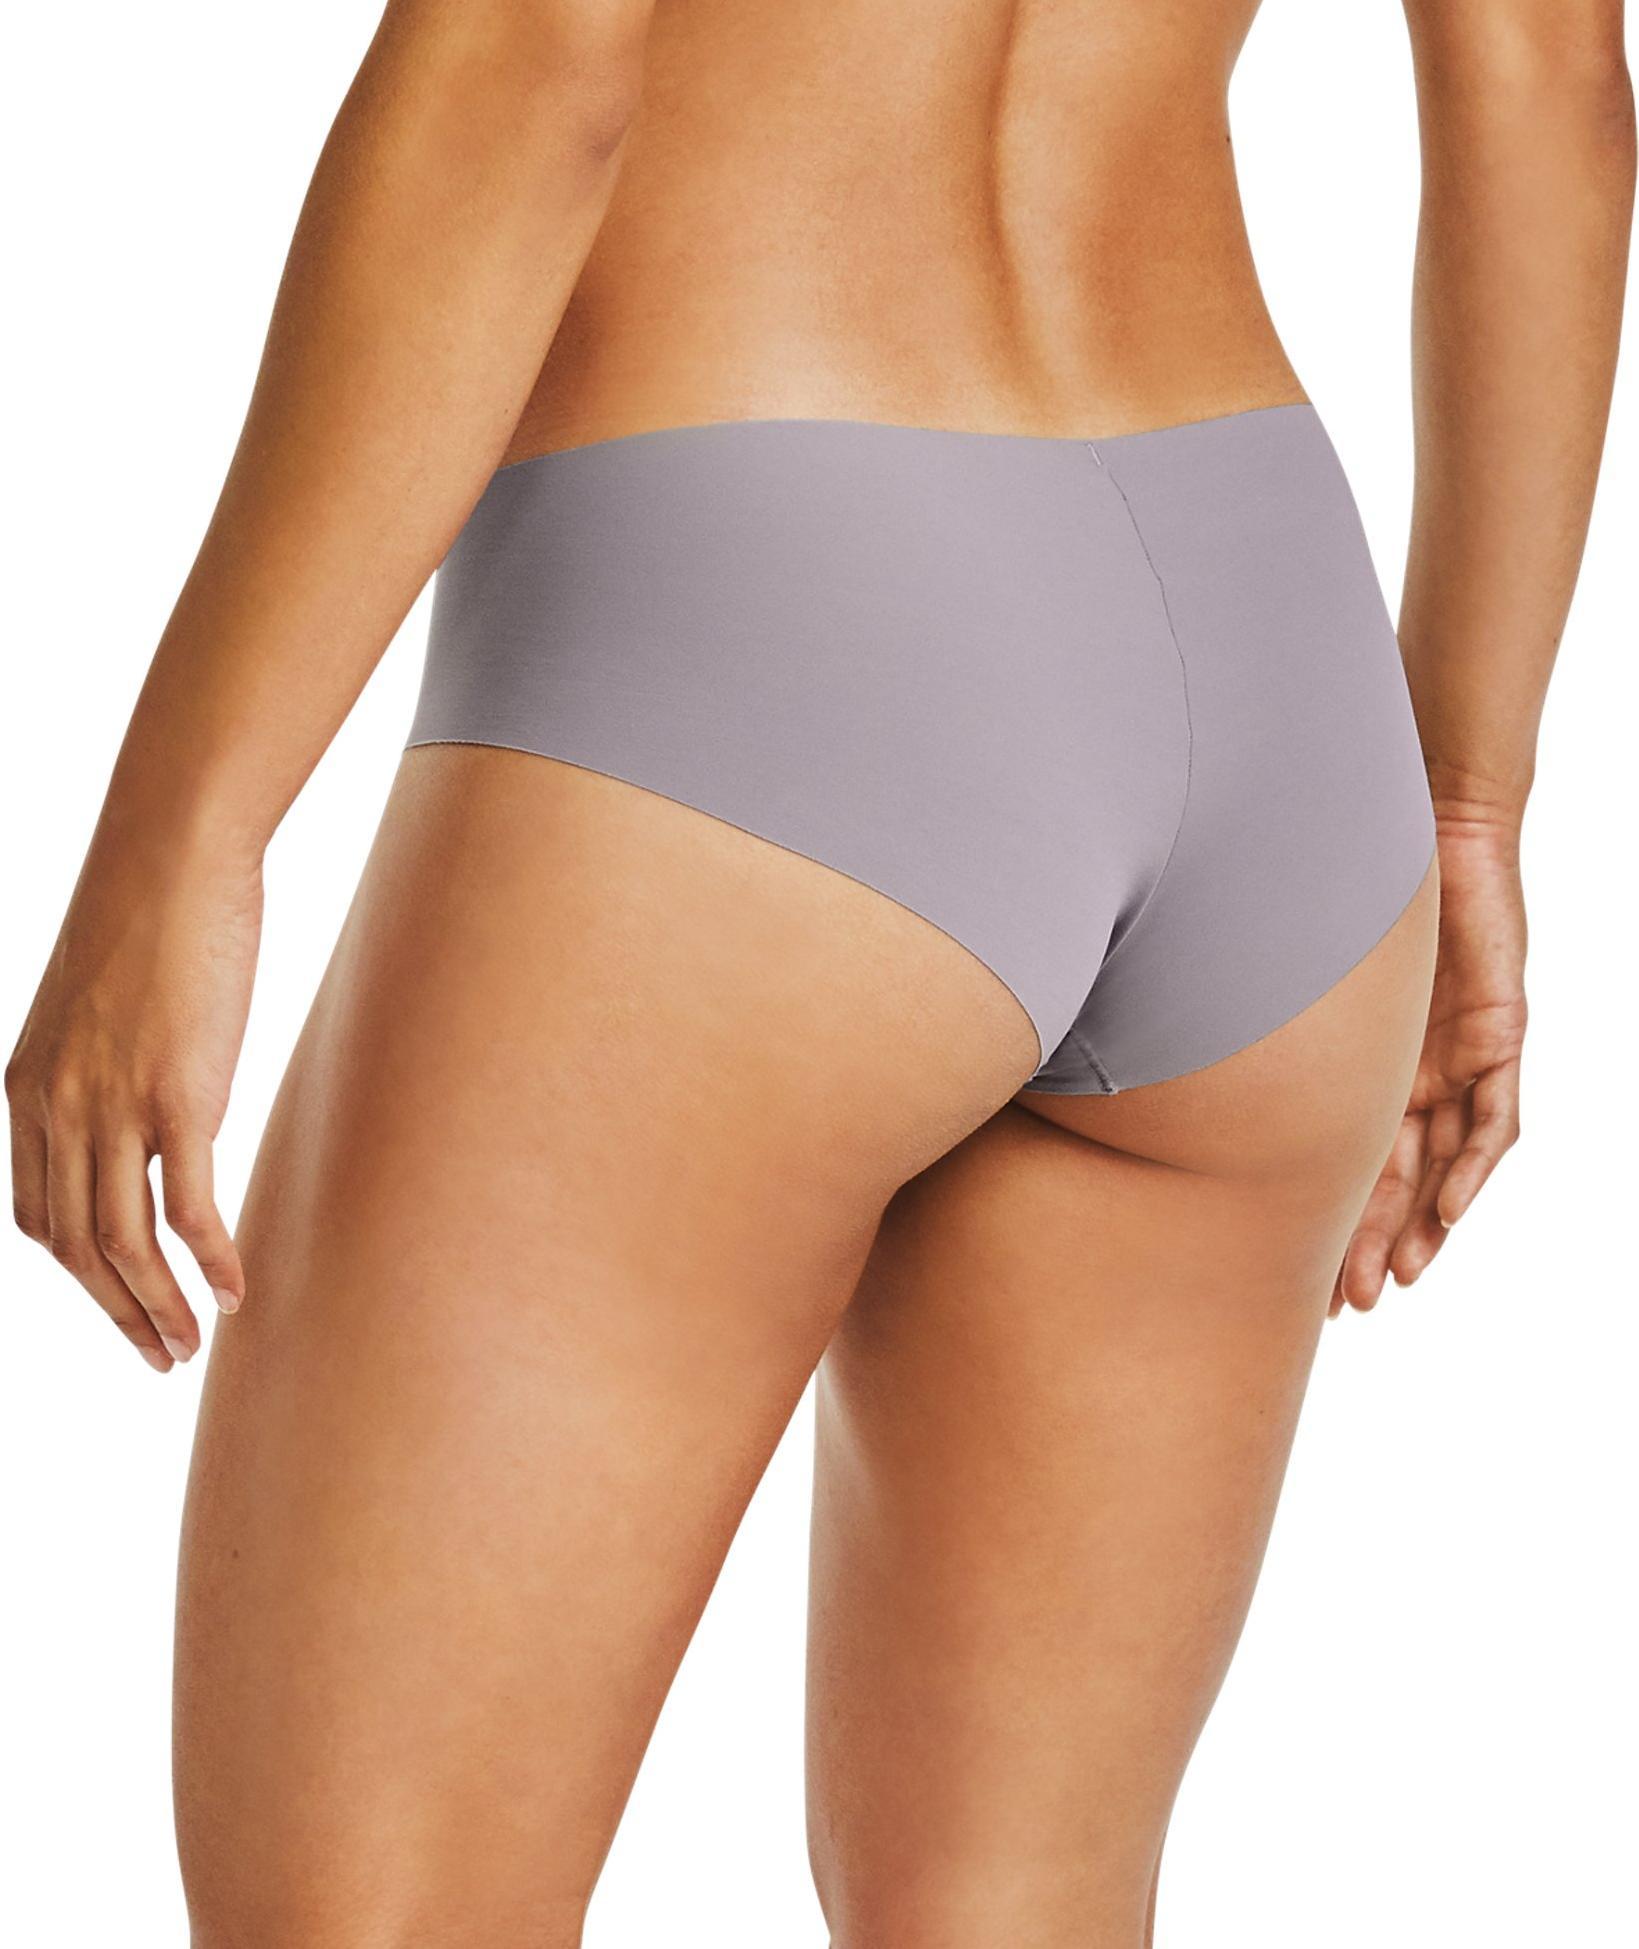 Under Armour Womens PS Hipster Print Underwear Black Purple Sports Running Gym